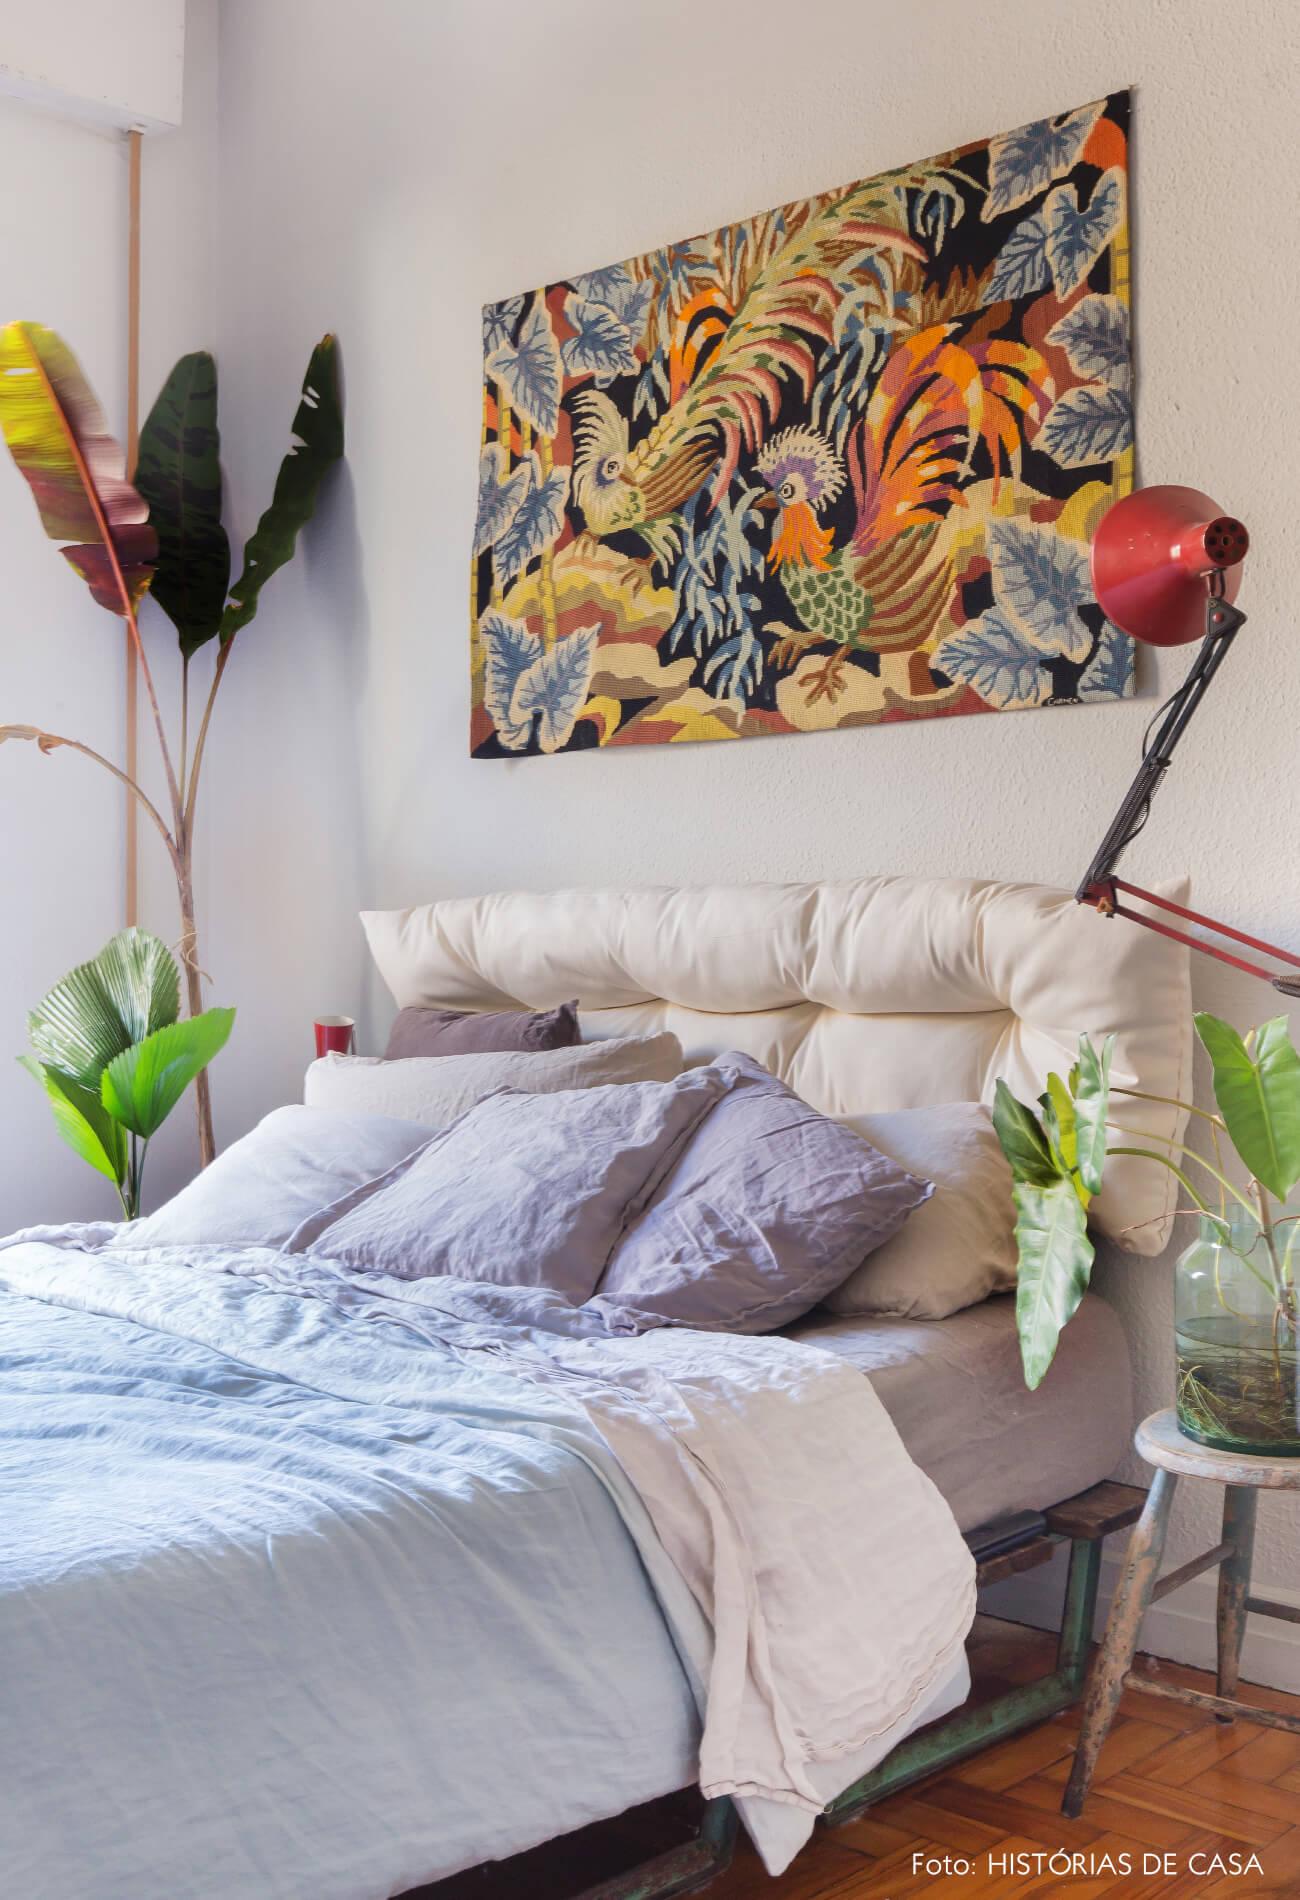 quarto cama lençol azul e quadro luminária vermelha e planta